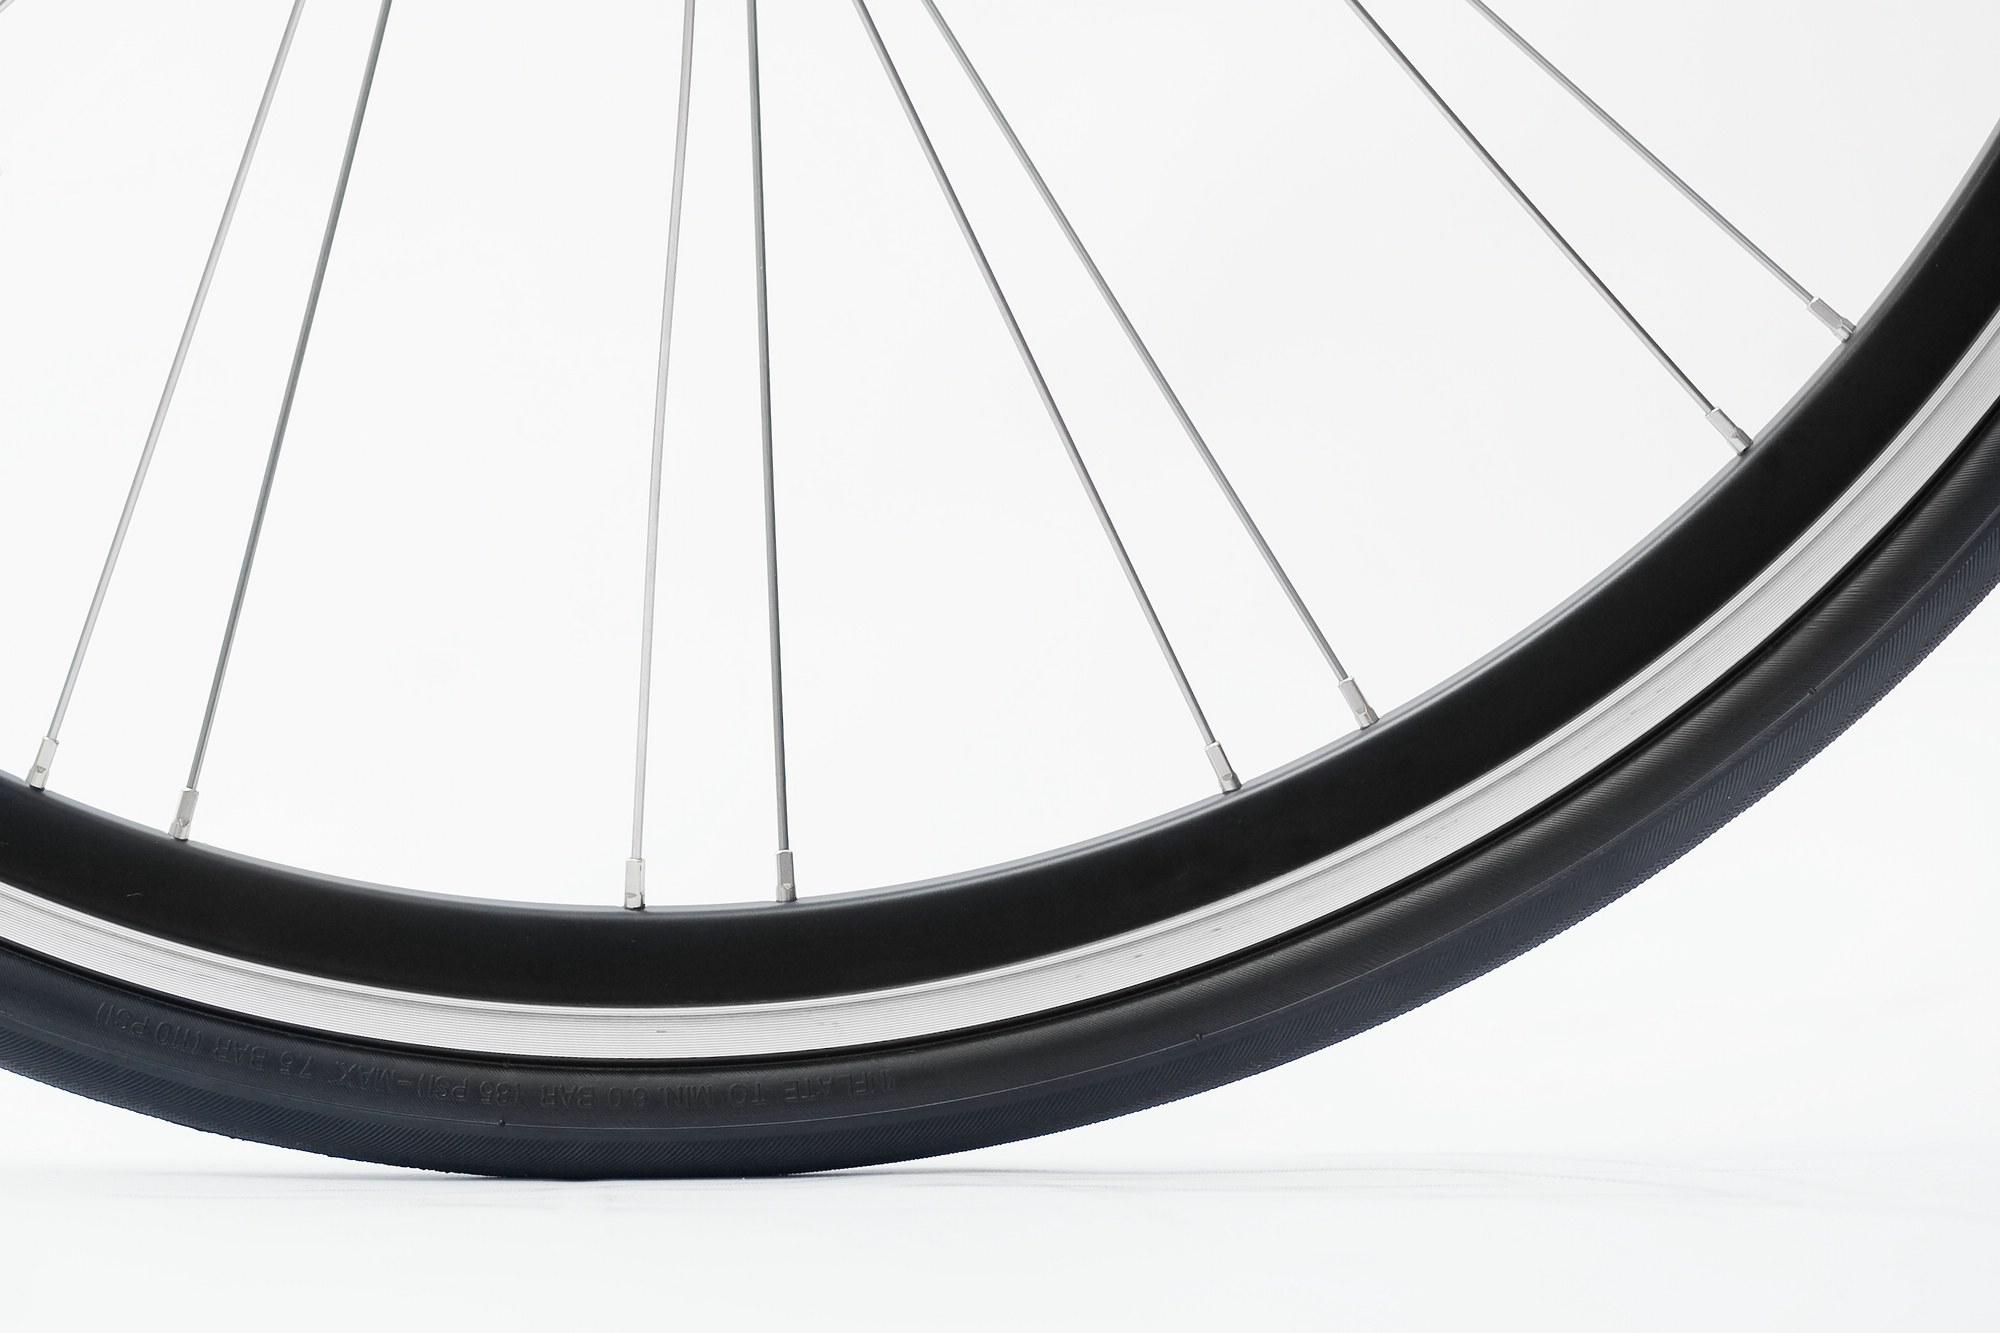 Single Speed Bike wheels